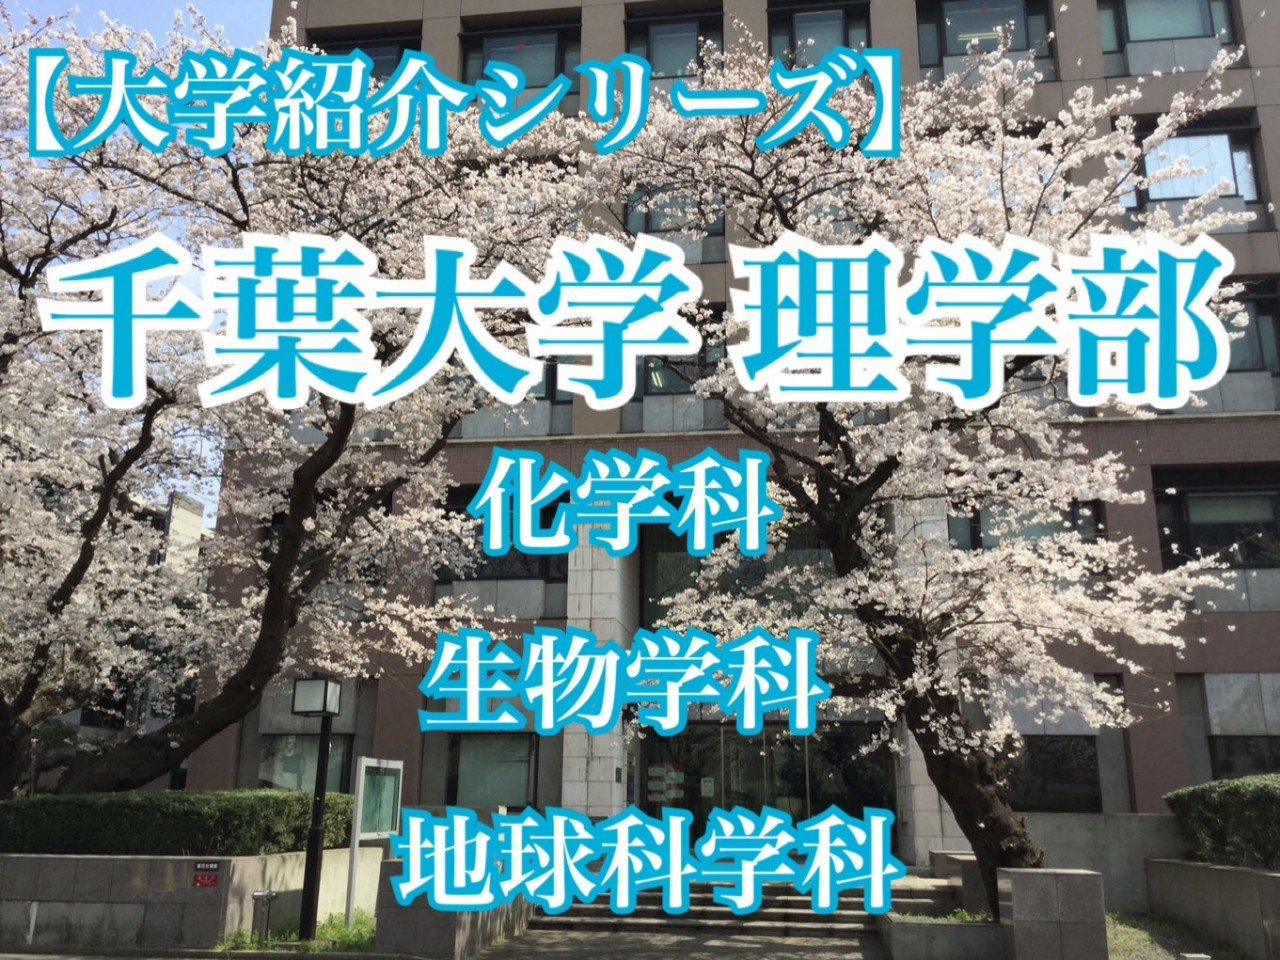 大学紹介】千葉大学 理学部 化学科、生物学科、地球科学科